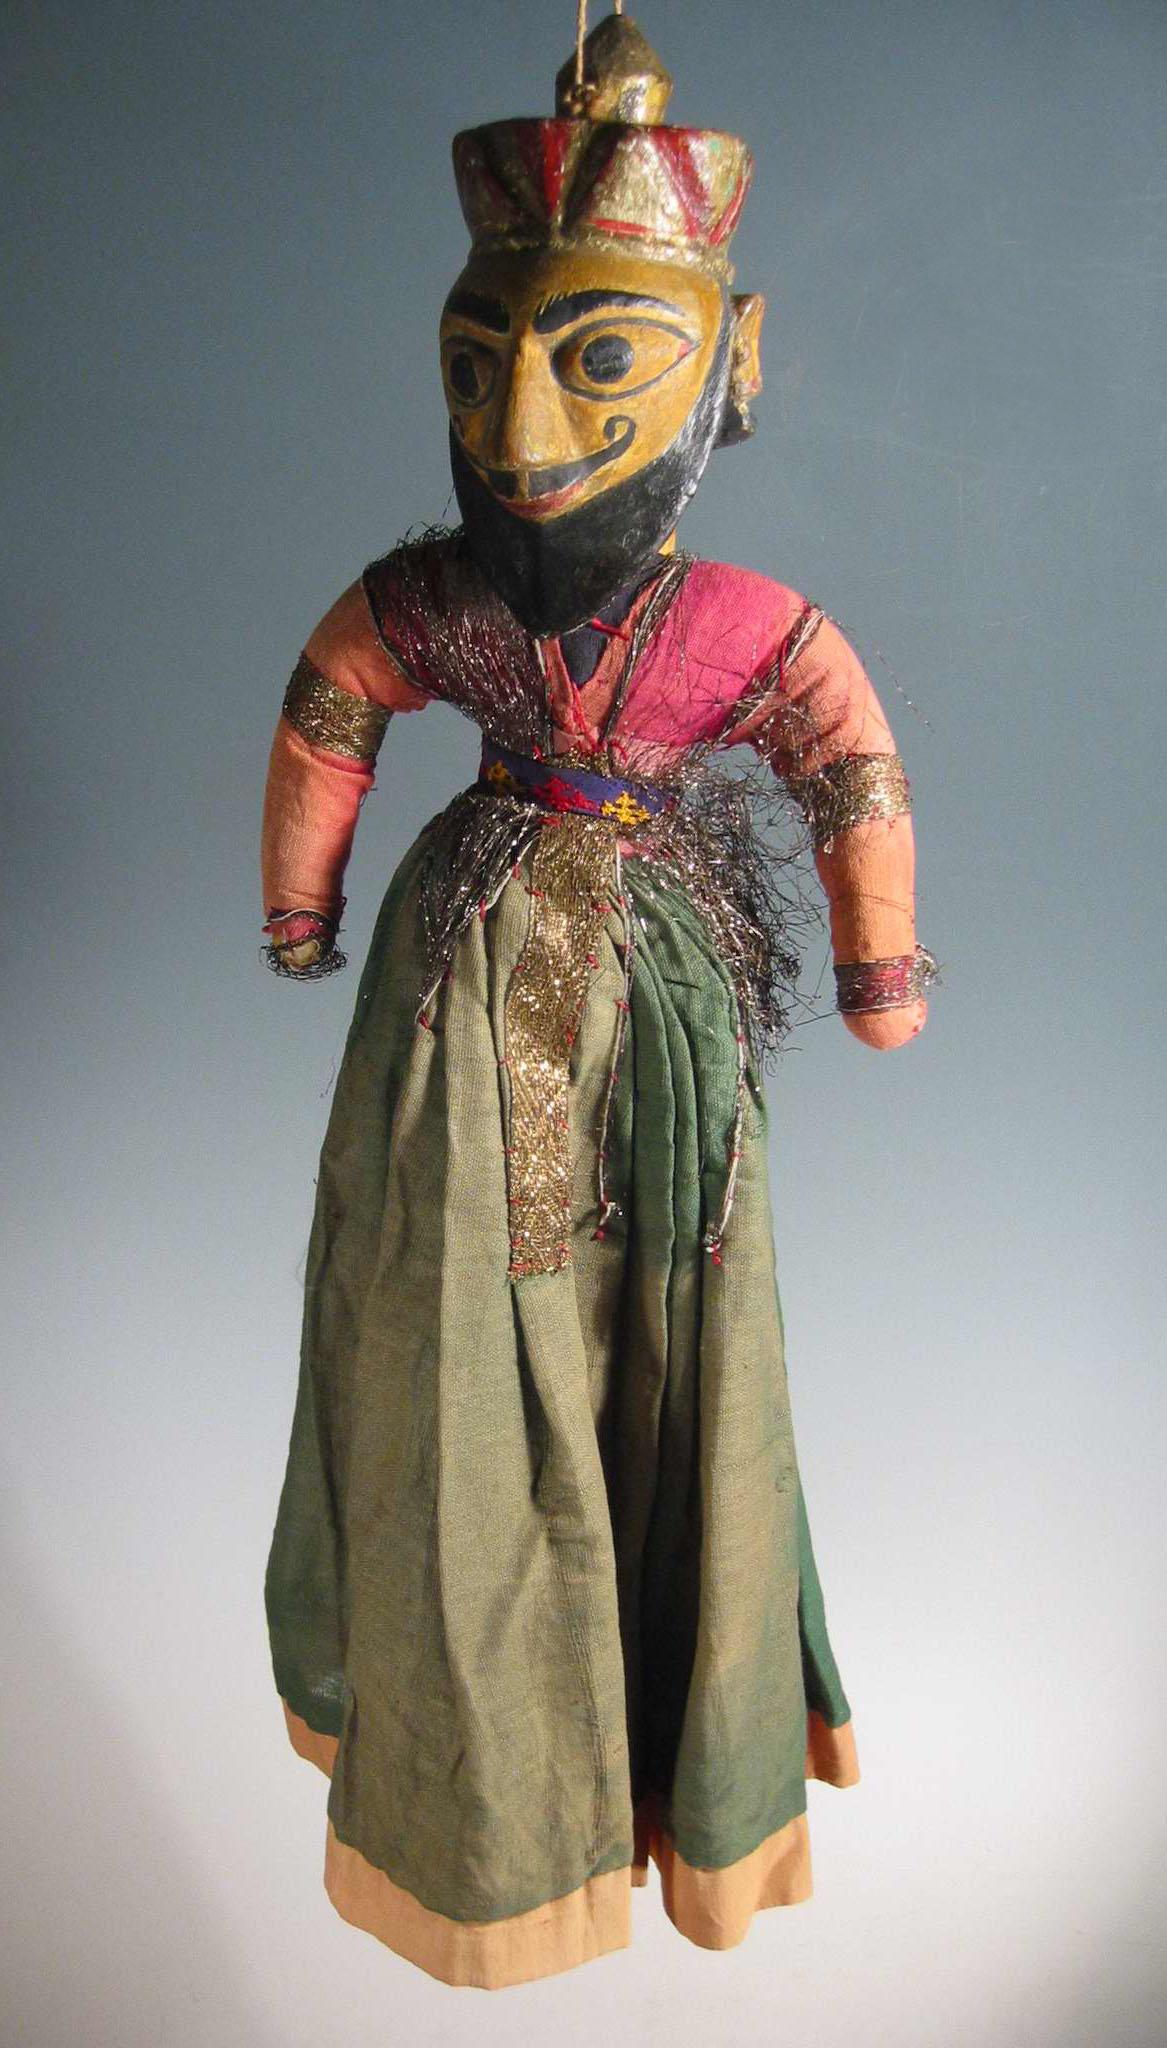 Un guerrier-<em>c</em>ourtisan moghol, une marionnette à fils, <em>kathputli</em>, du Rajasthan, en Inde, hauteur : 60 <em>c</em>m. Colle<em>c</em>tion : Center for Puppetry Arts (Atlanta, Géorgie, États-Unis). Photo réproduite avec l'aimable autorisation de Center for Puppetry Arts